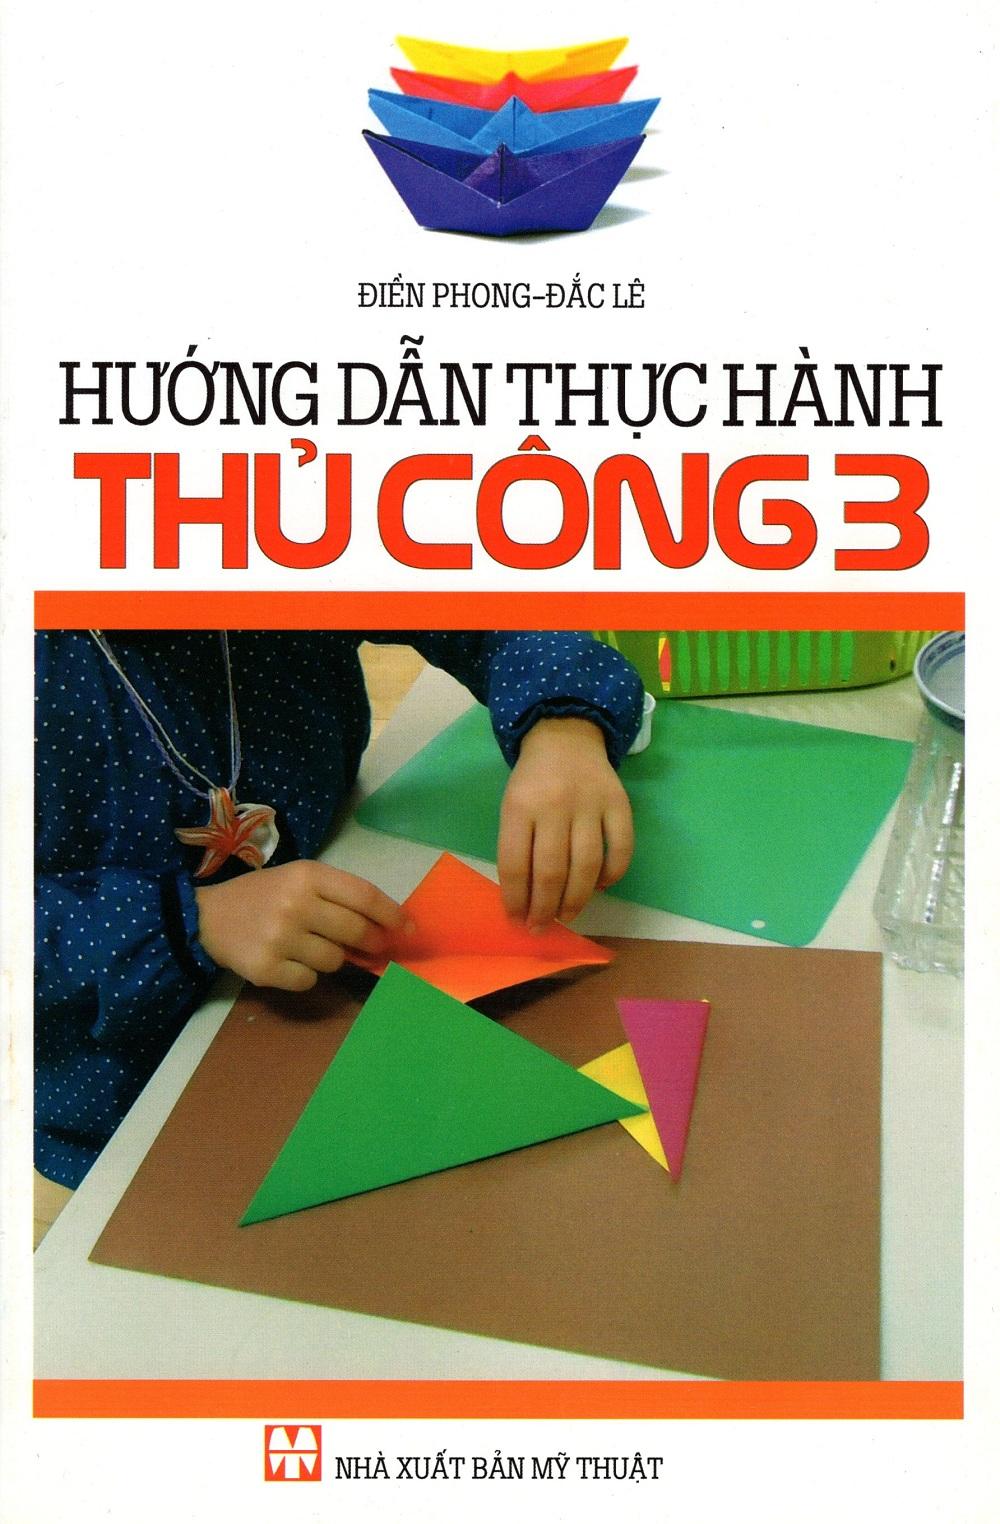 Hướng Dẫn Thực Hành Thủ Công Lớp 3 - 8935083552257,62_236437,8000,tiki.vn,Huong-Dan-Thuc-Hanh-Thu-Cong-Lop-3-62_236437,Hướng Dẫn Thực Hành Thủ Công Lớp 3